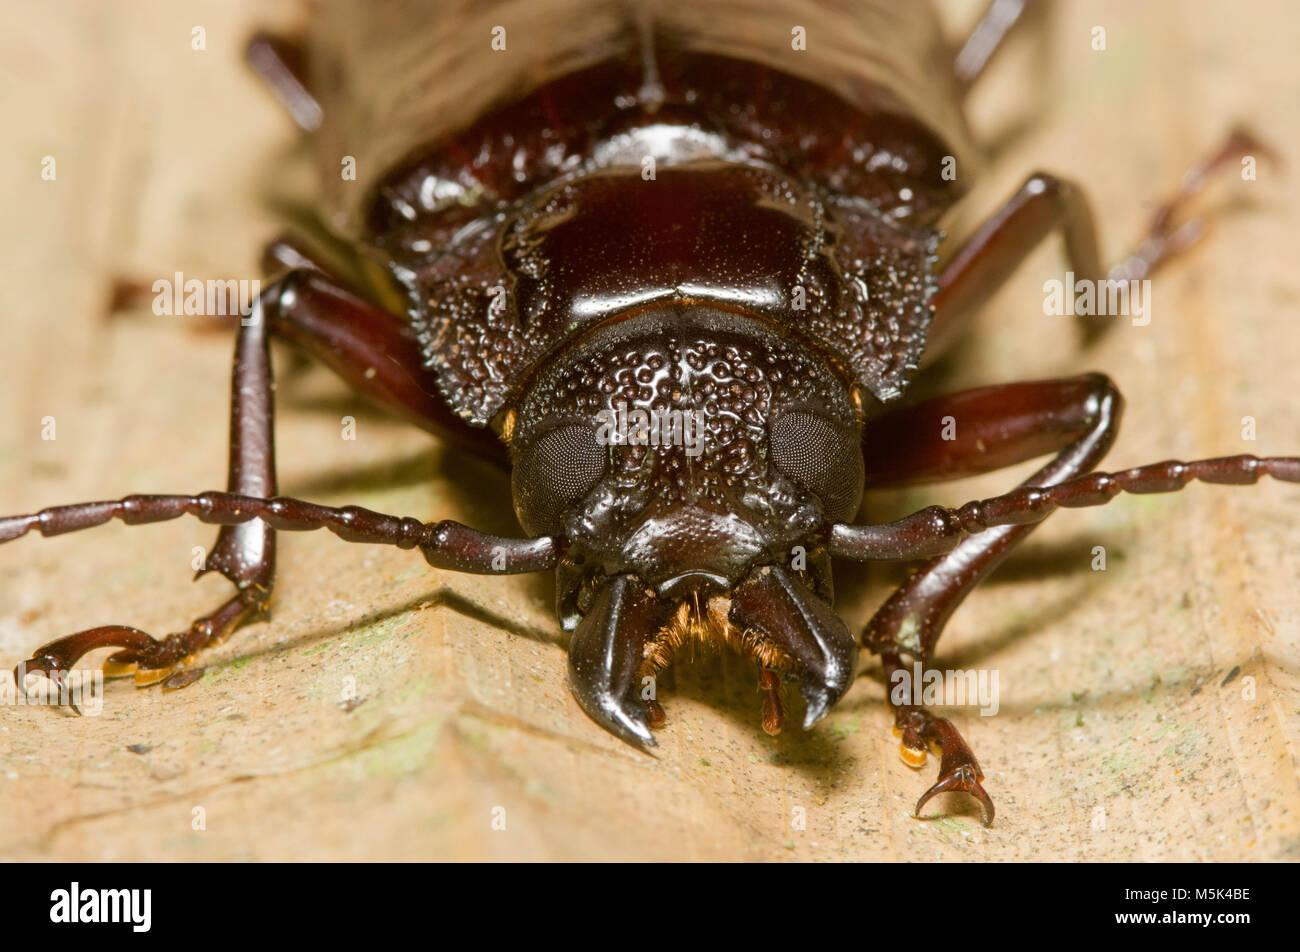 Some sort of menacing beetle from Ecuador. - Stock Image